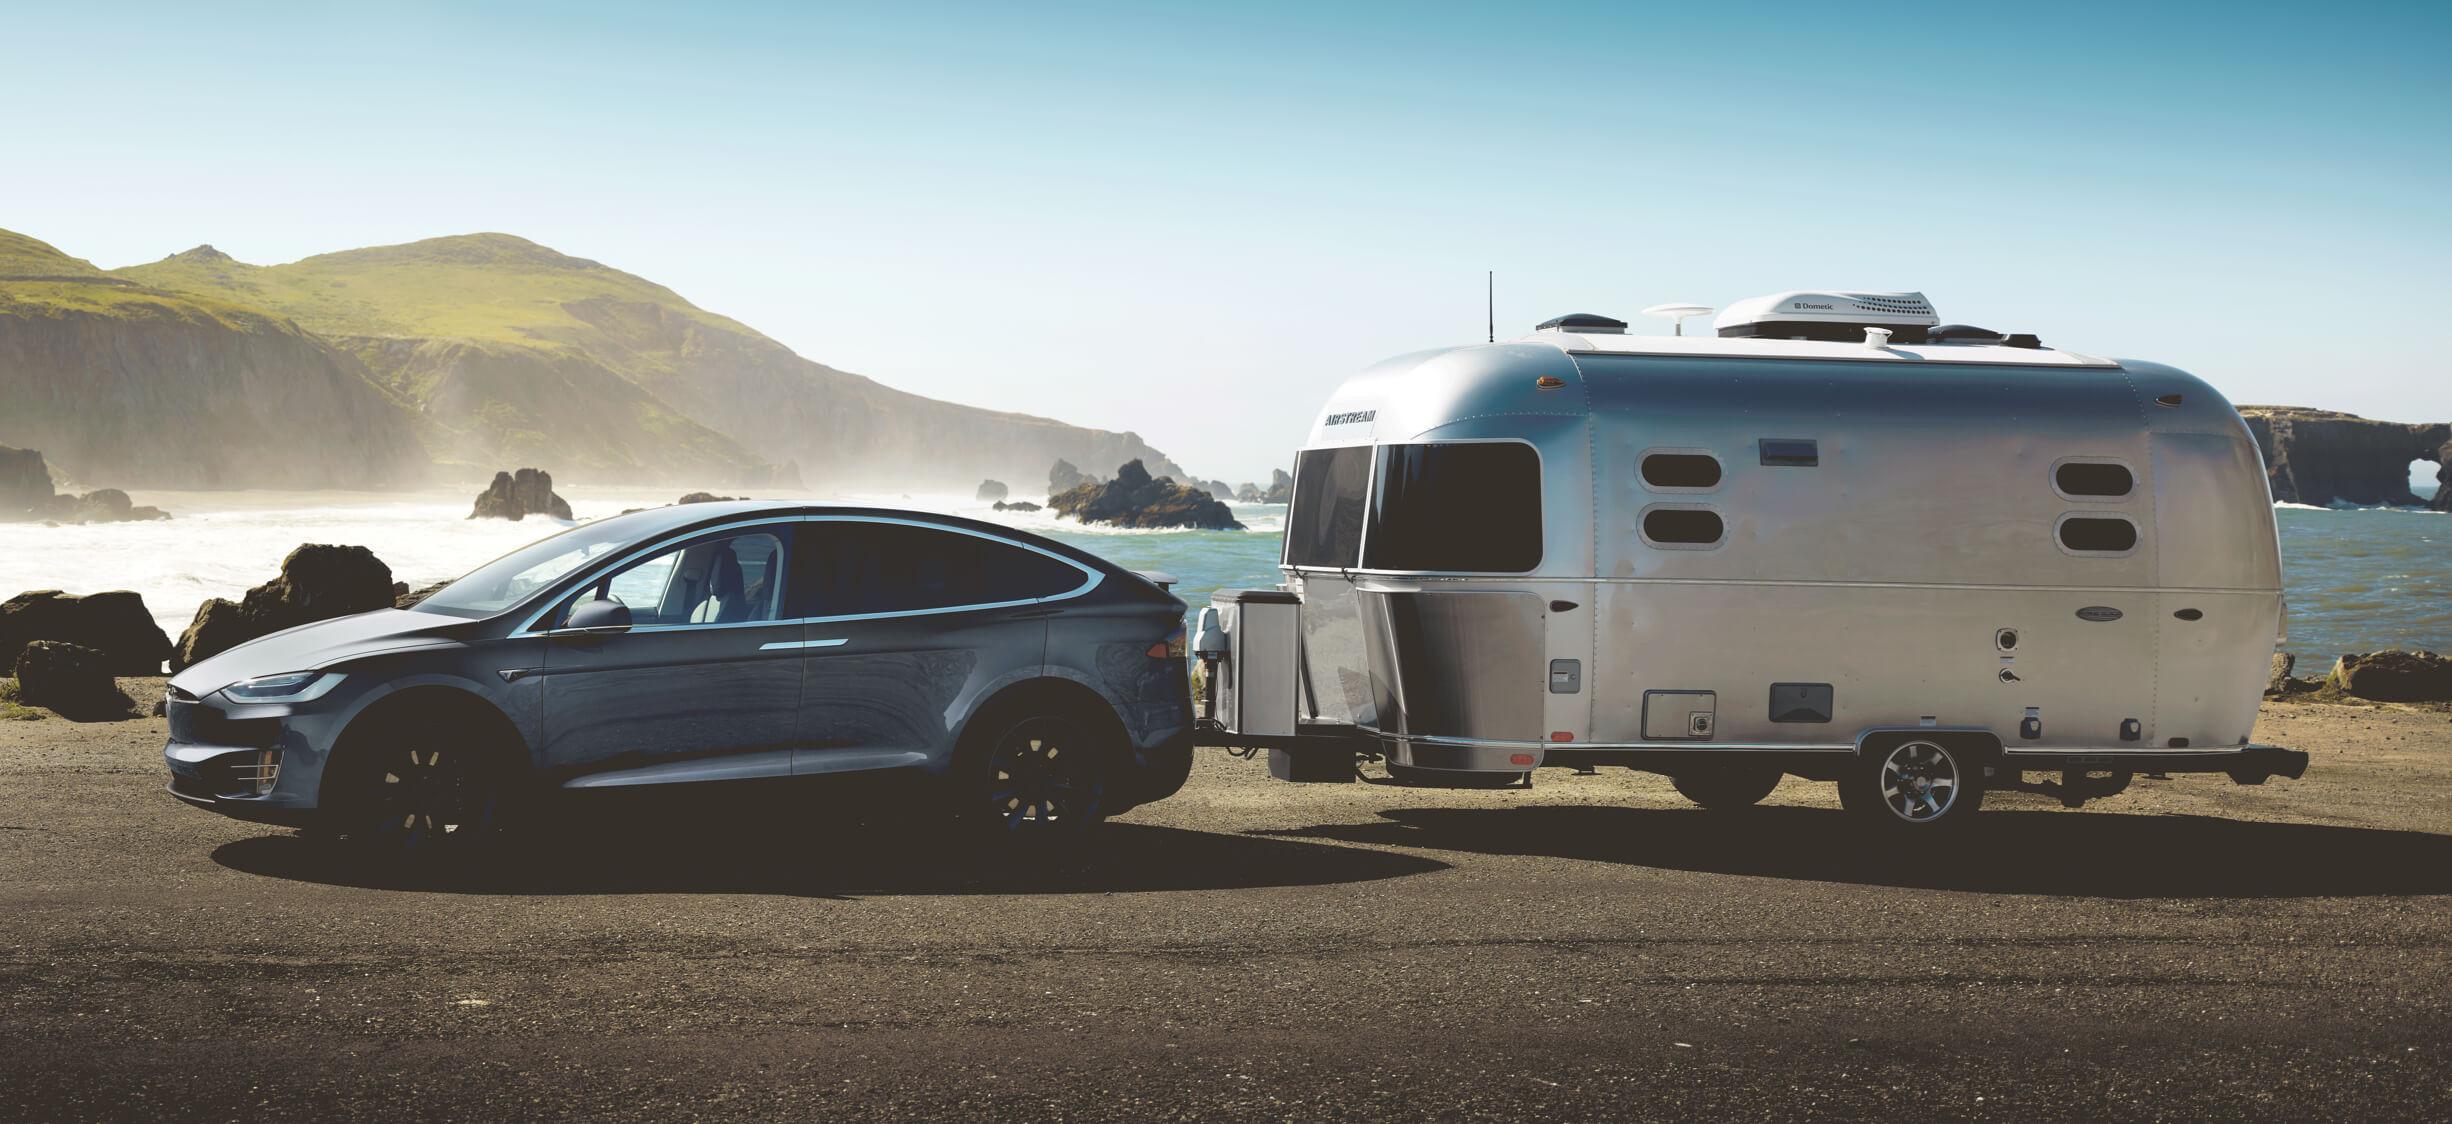 午夜银金属漆 Model X 牵引银色旅行拖车